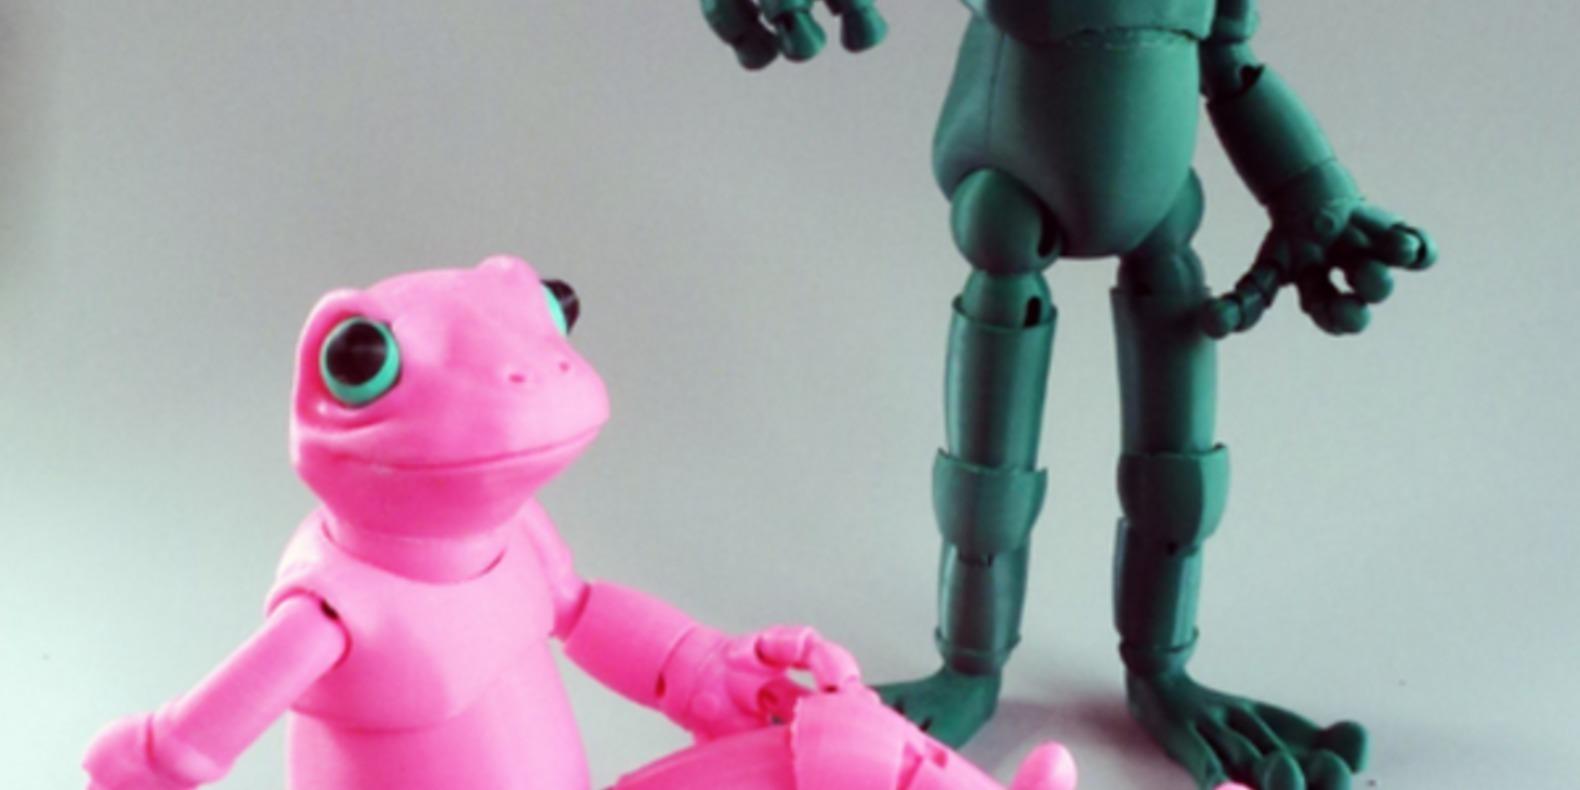 2.Froggy-Loubie animaux imprimés en 3D Cults fichier 3D 3D model 3D printing